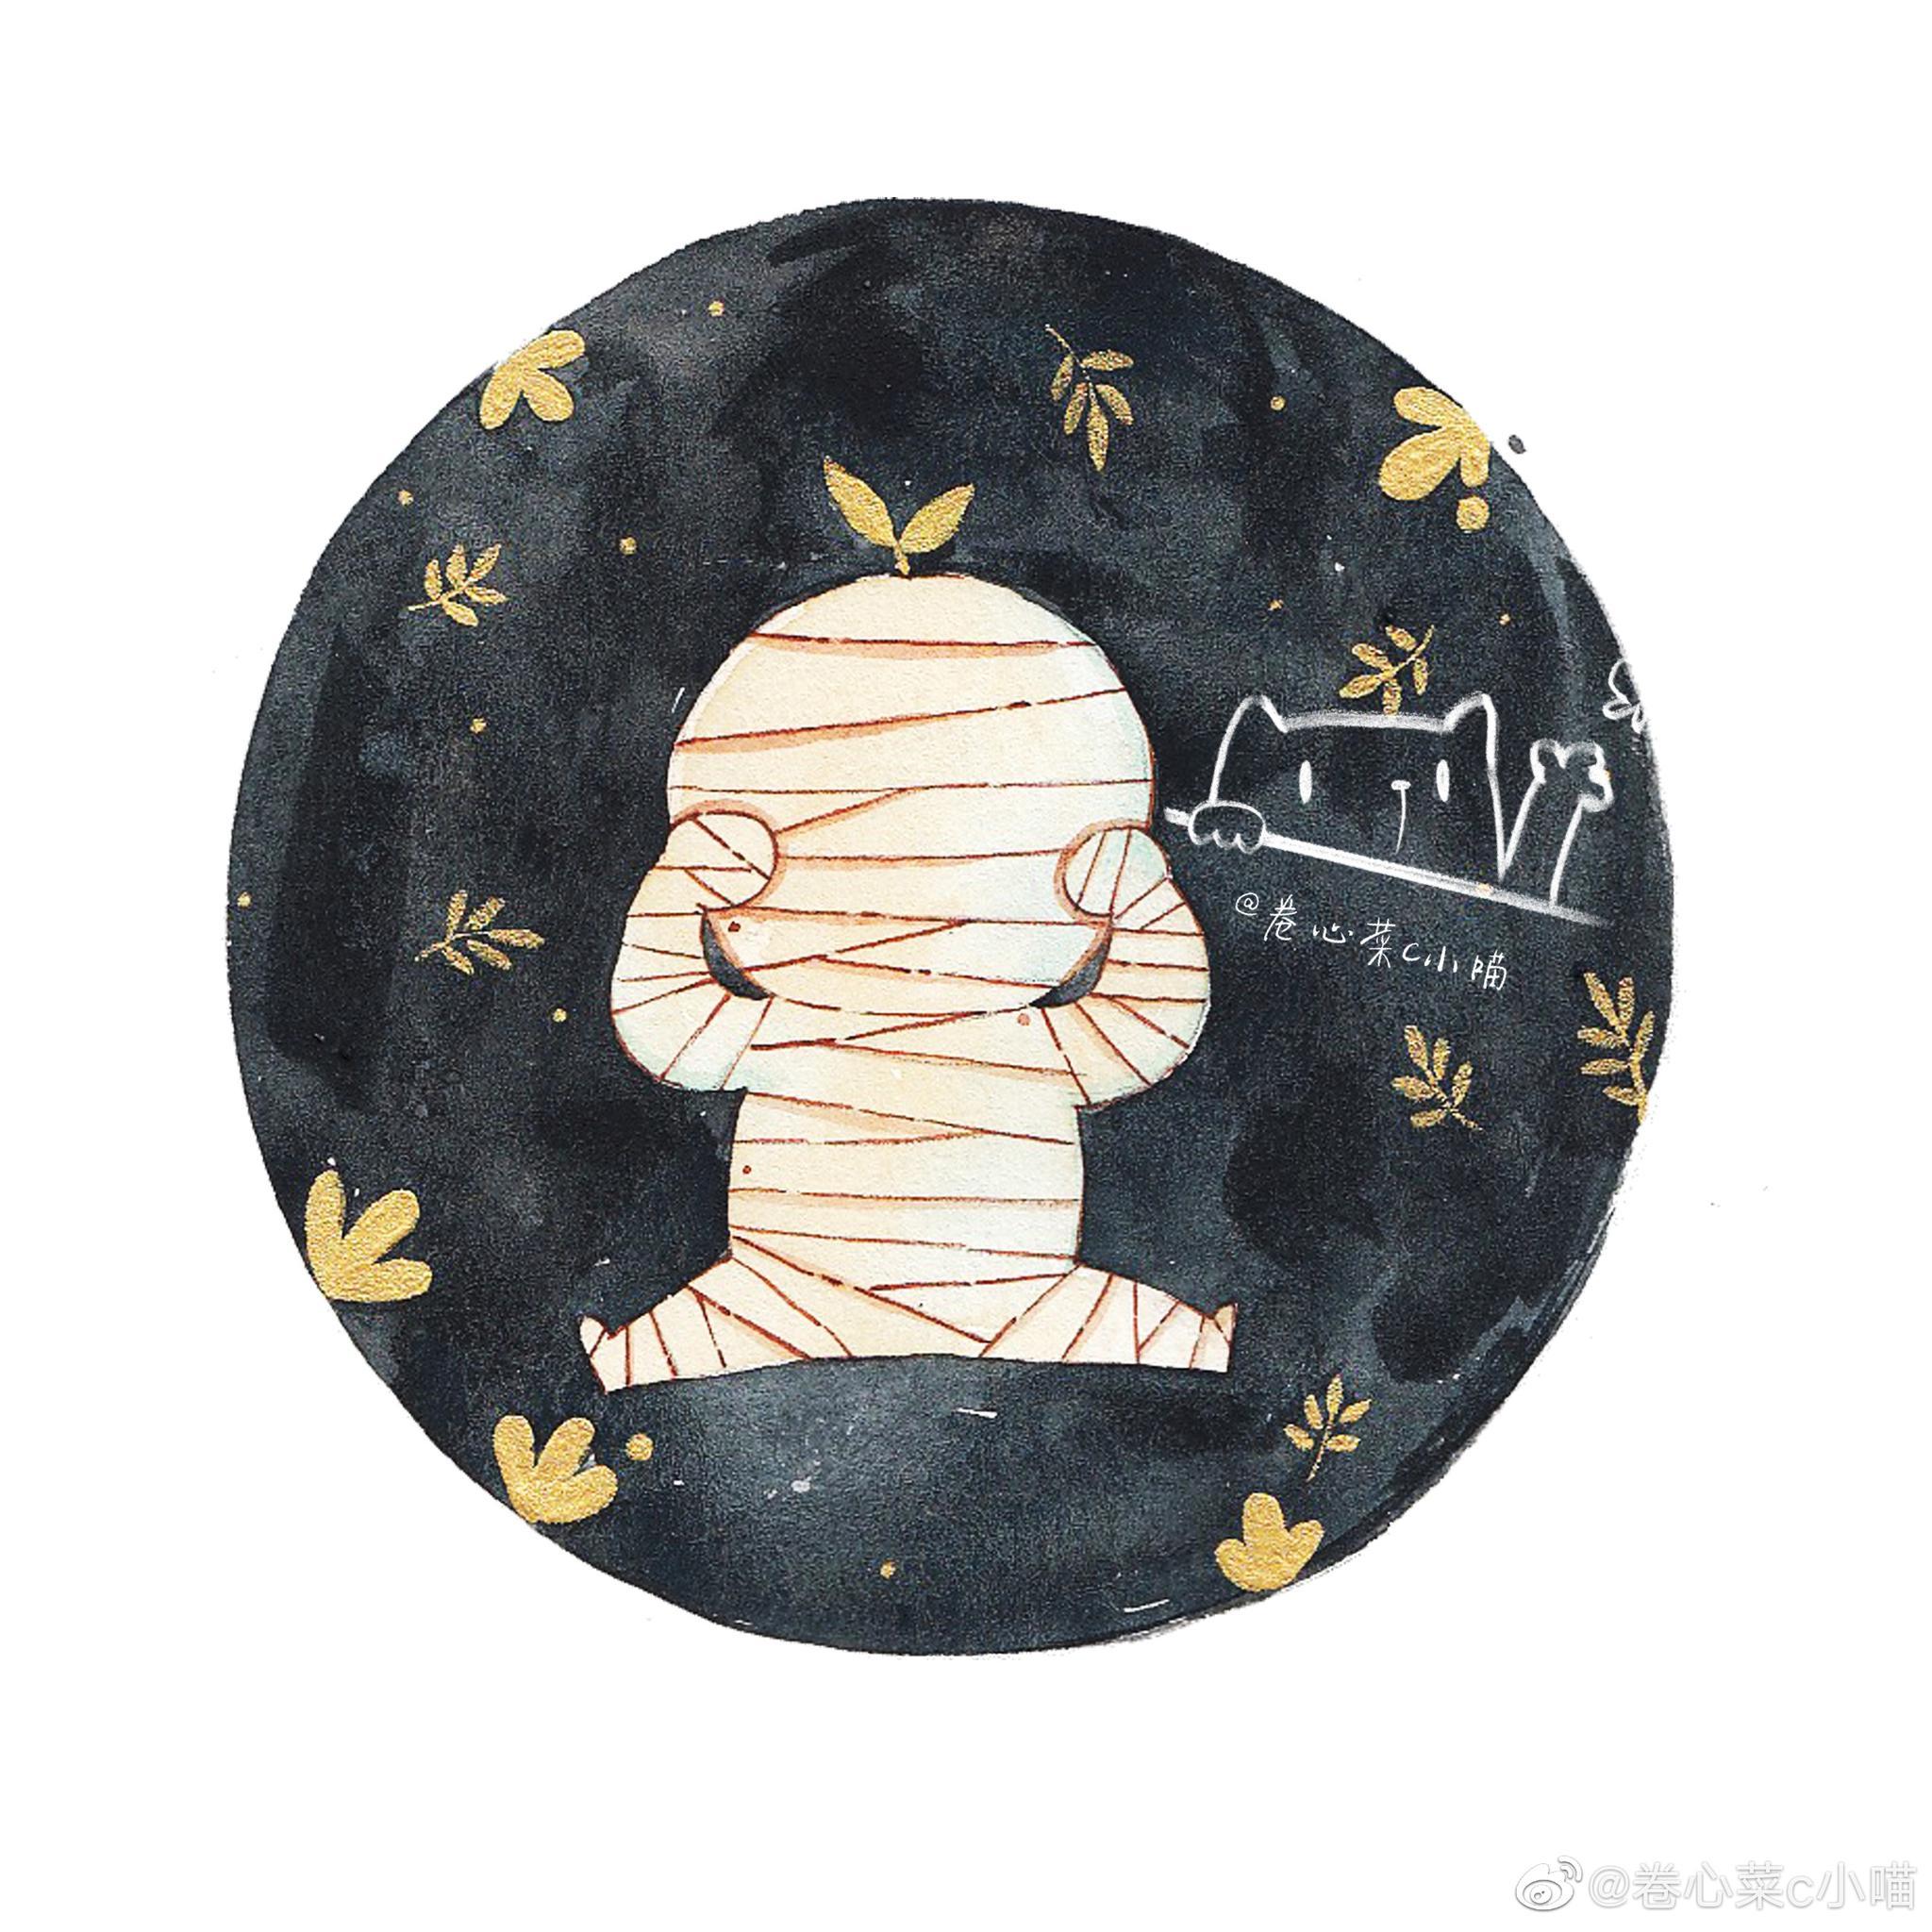 卡通版木乃伊,秒变萌萌哒  @卷心菜插画